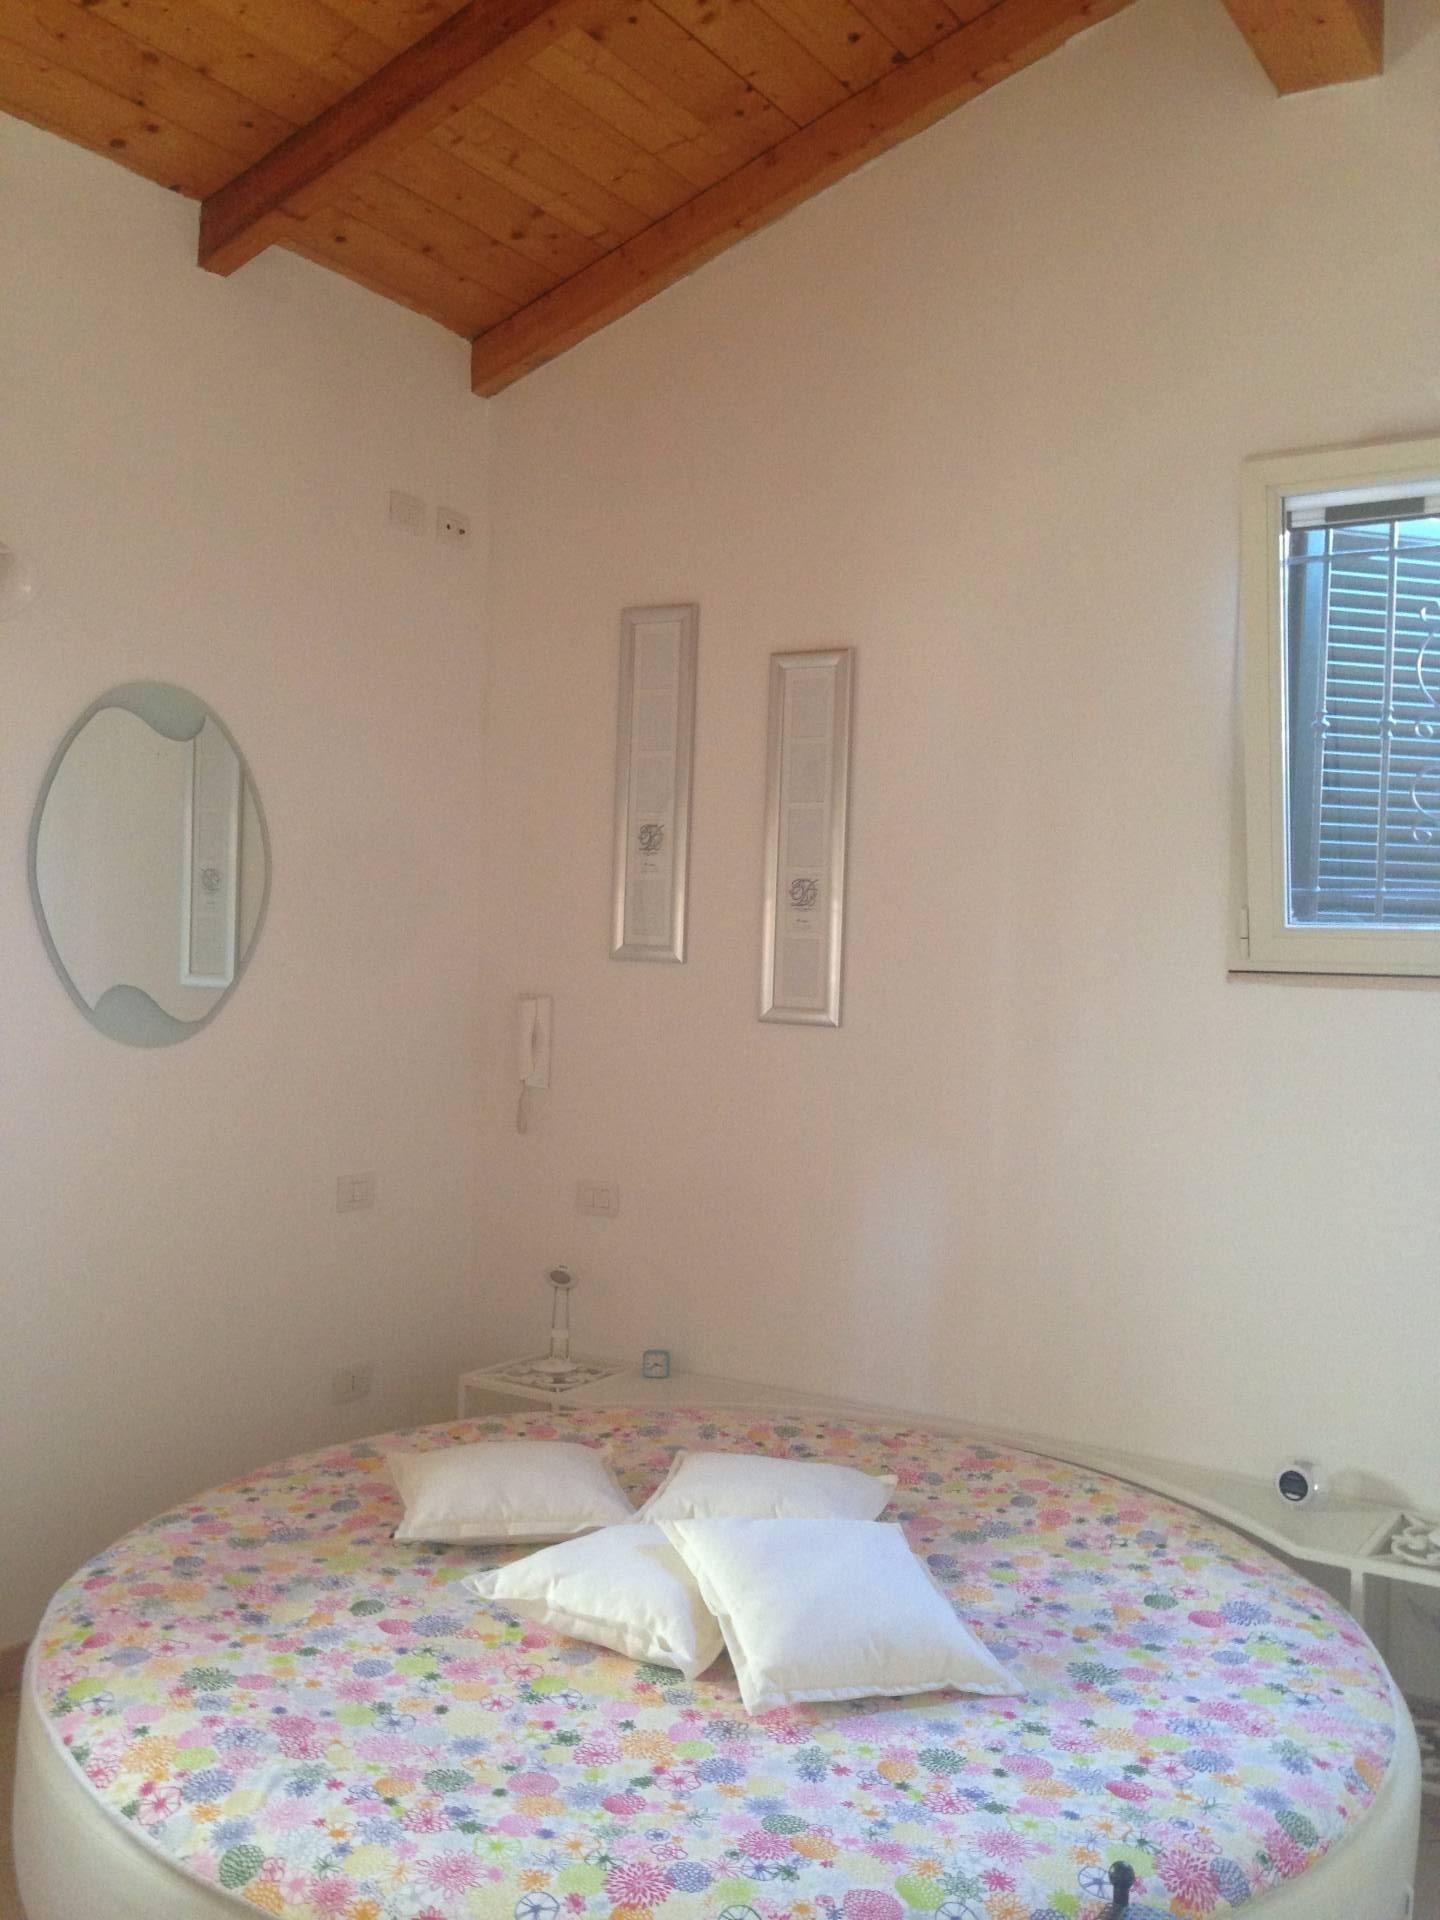 Villa in vendita a Cesena, 2 locali, zona Zona: Pievesestina, prezzo € 141.000 | Cambio Casa.it